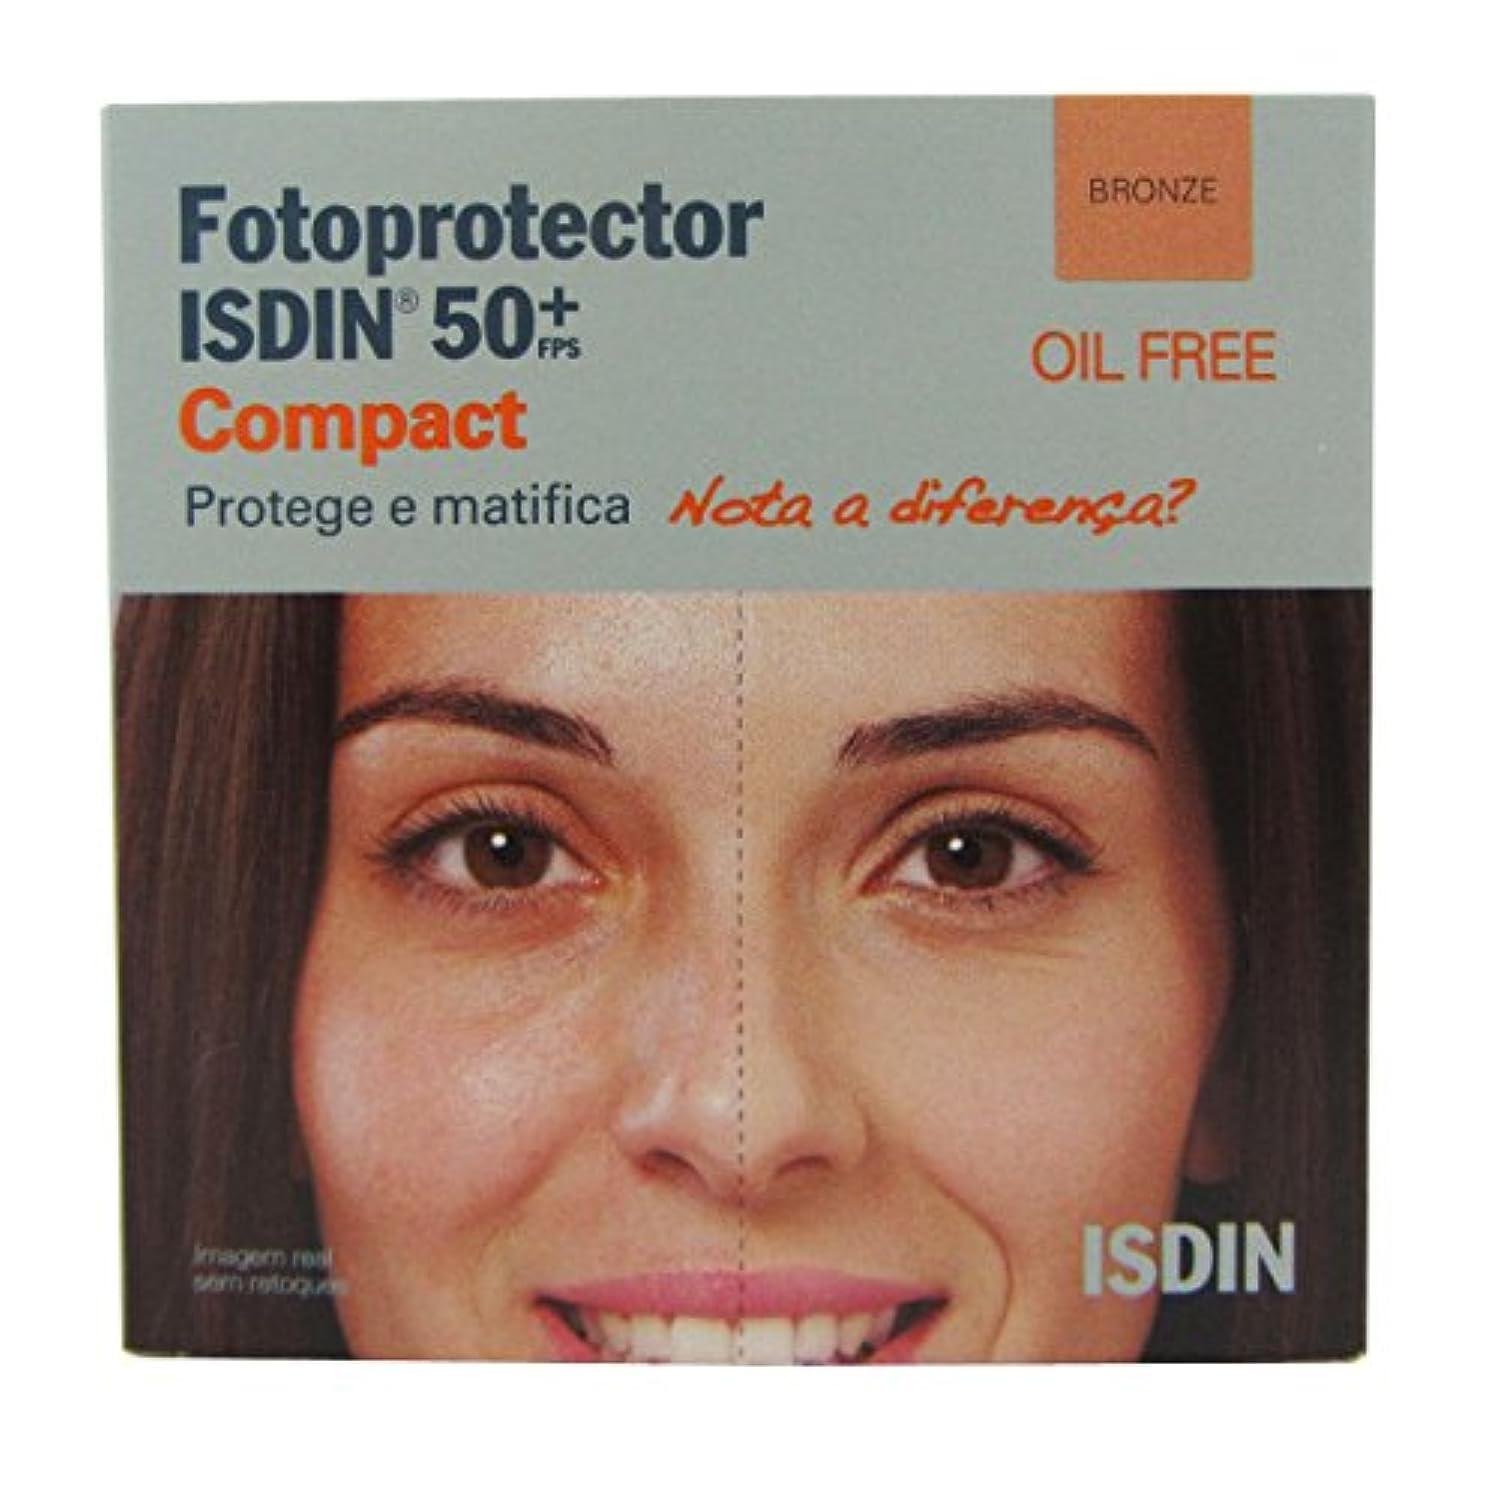 感性揺れる混雑Isdin Photoprotector Compact 50+ Bronz 10g [並行輸入品]